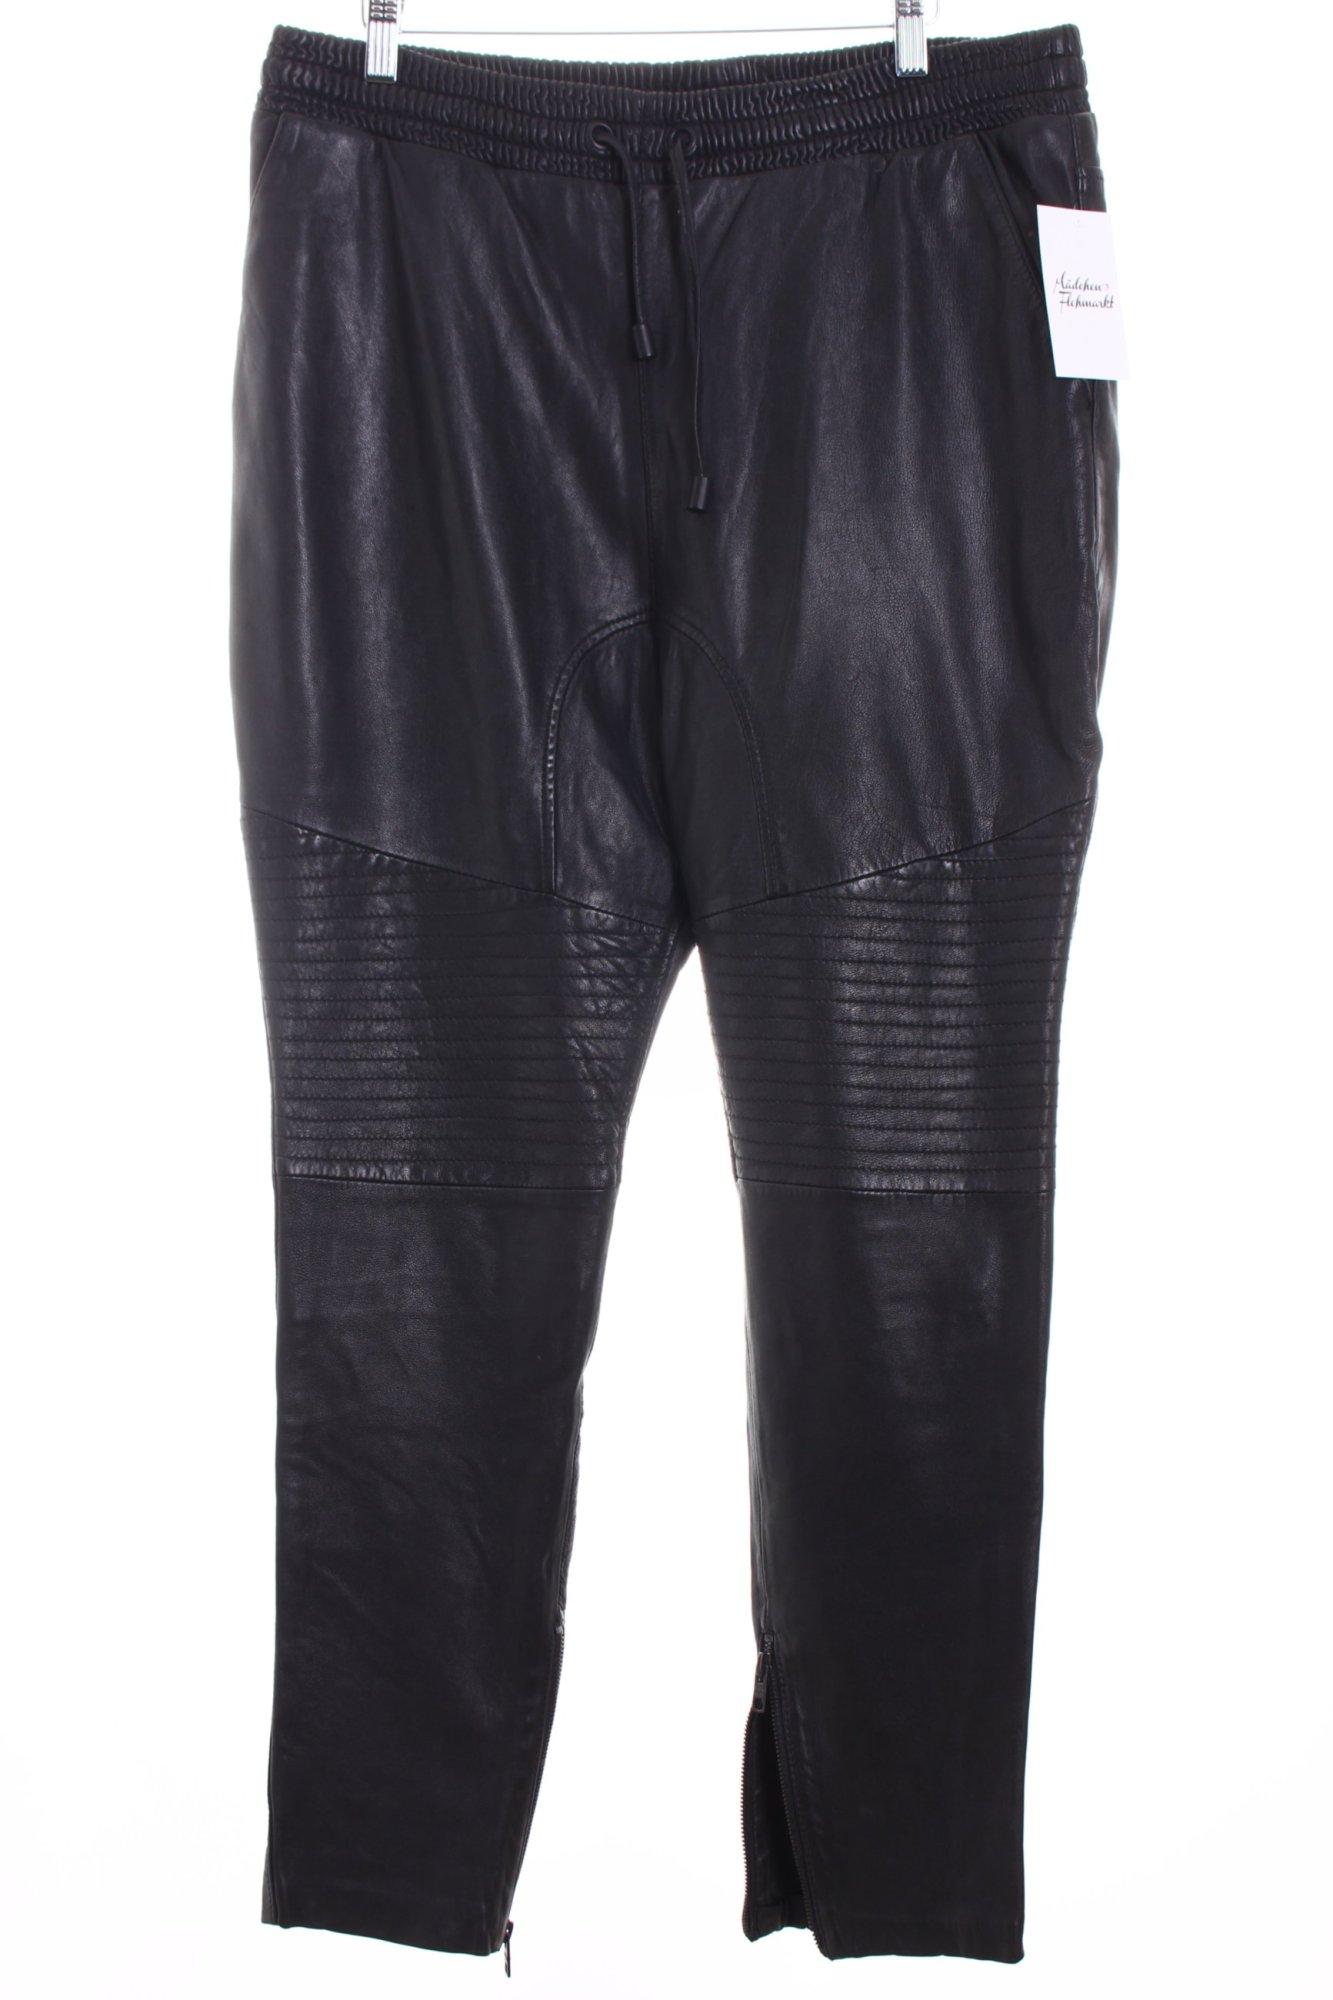 tigha lederhose schwarz biker look damen gr de 42 hose trousers leder ebay. Black Bedroom Furniture Sets. Home Design Ideas